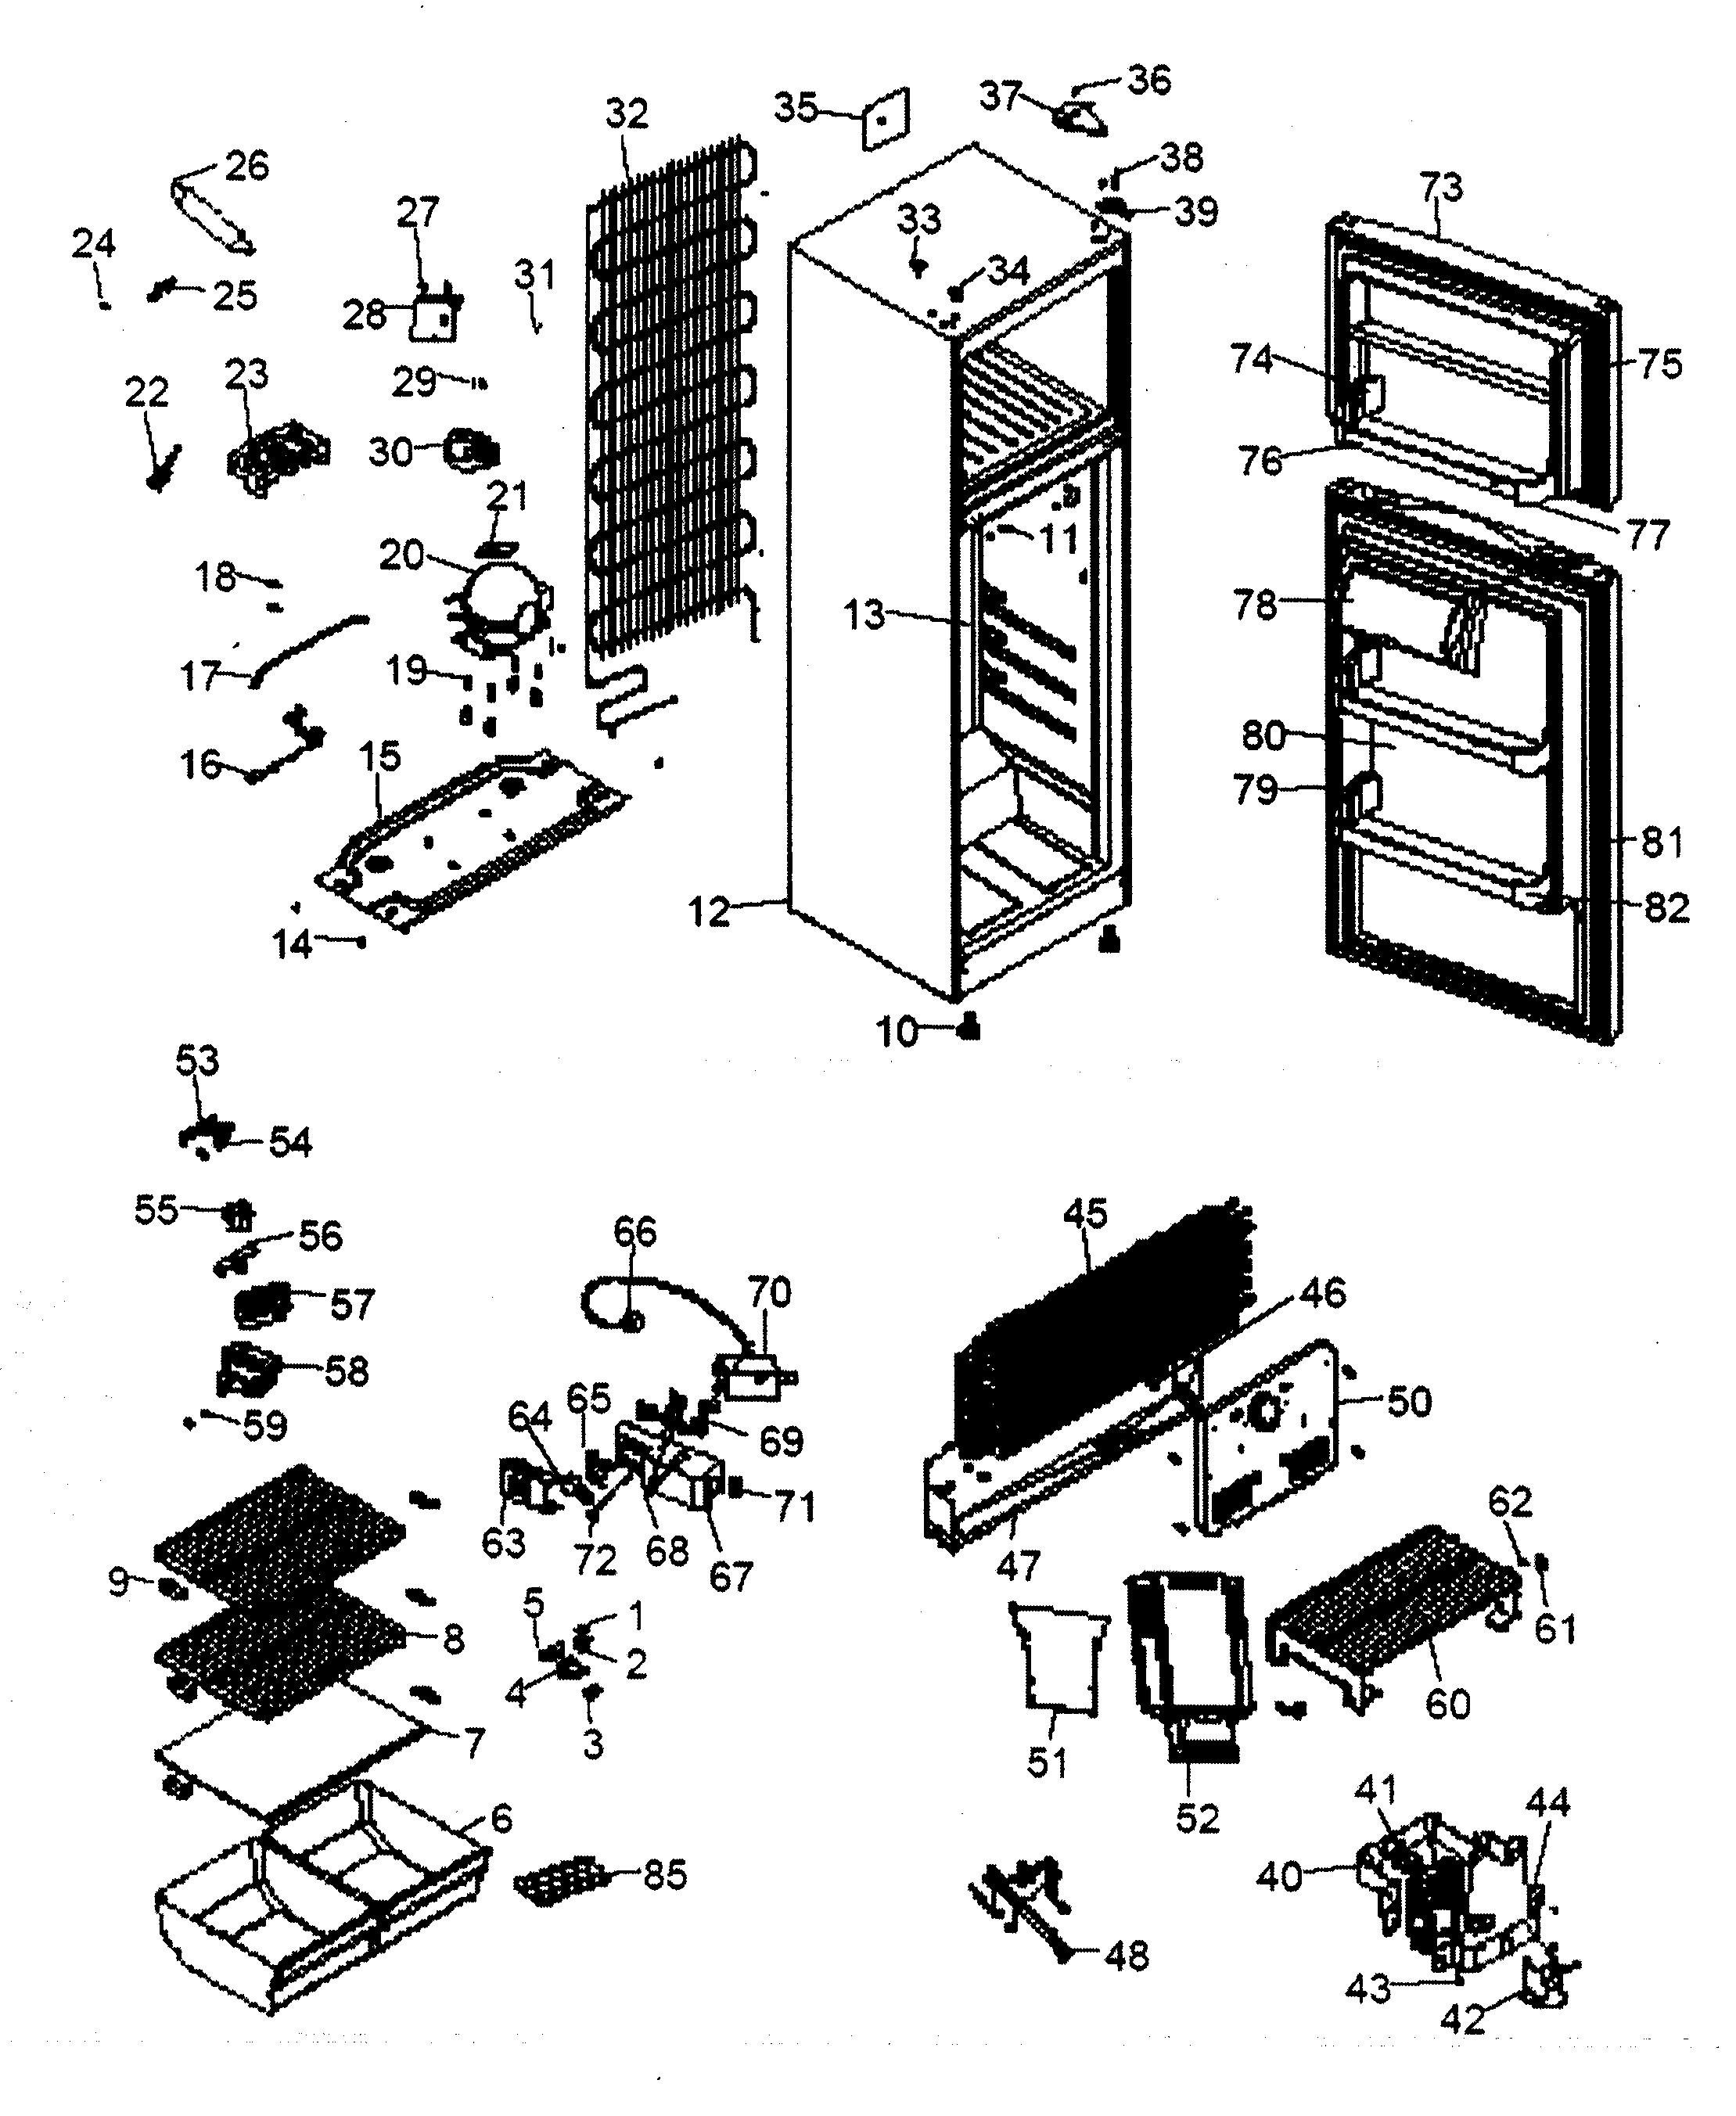 haier refrigerator hsa02wndww parts diagram trusted wiring diagram u2022 rh soulmatestyle co haier air conditioner wiring diagram haier washing machine wiring diagram